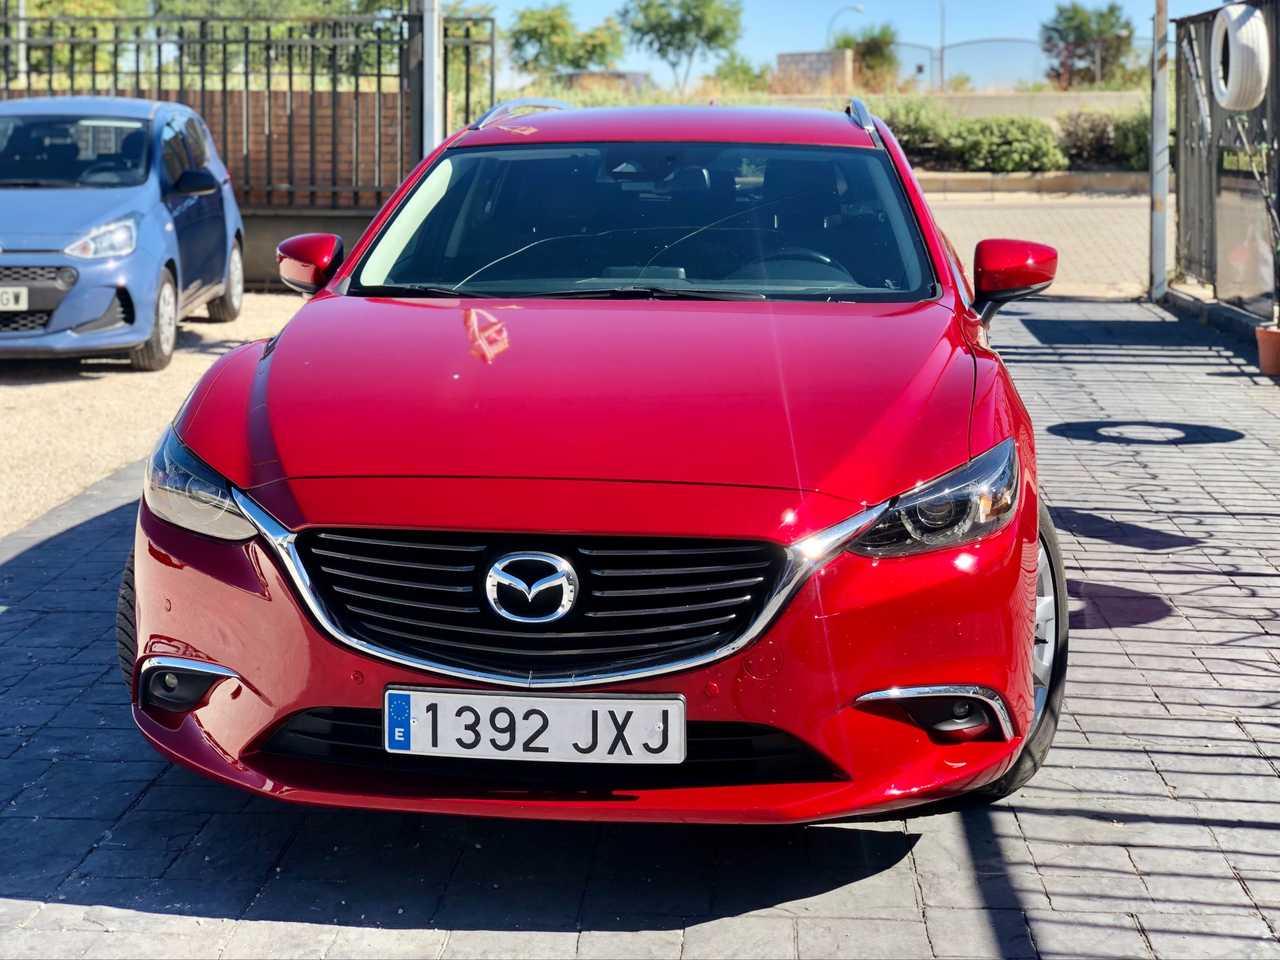 Mazda 6 Wagon Diésel en Arganda del Rey